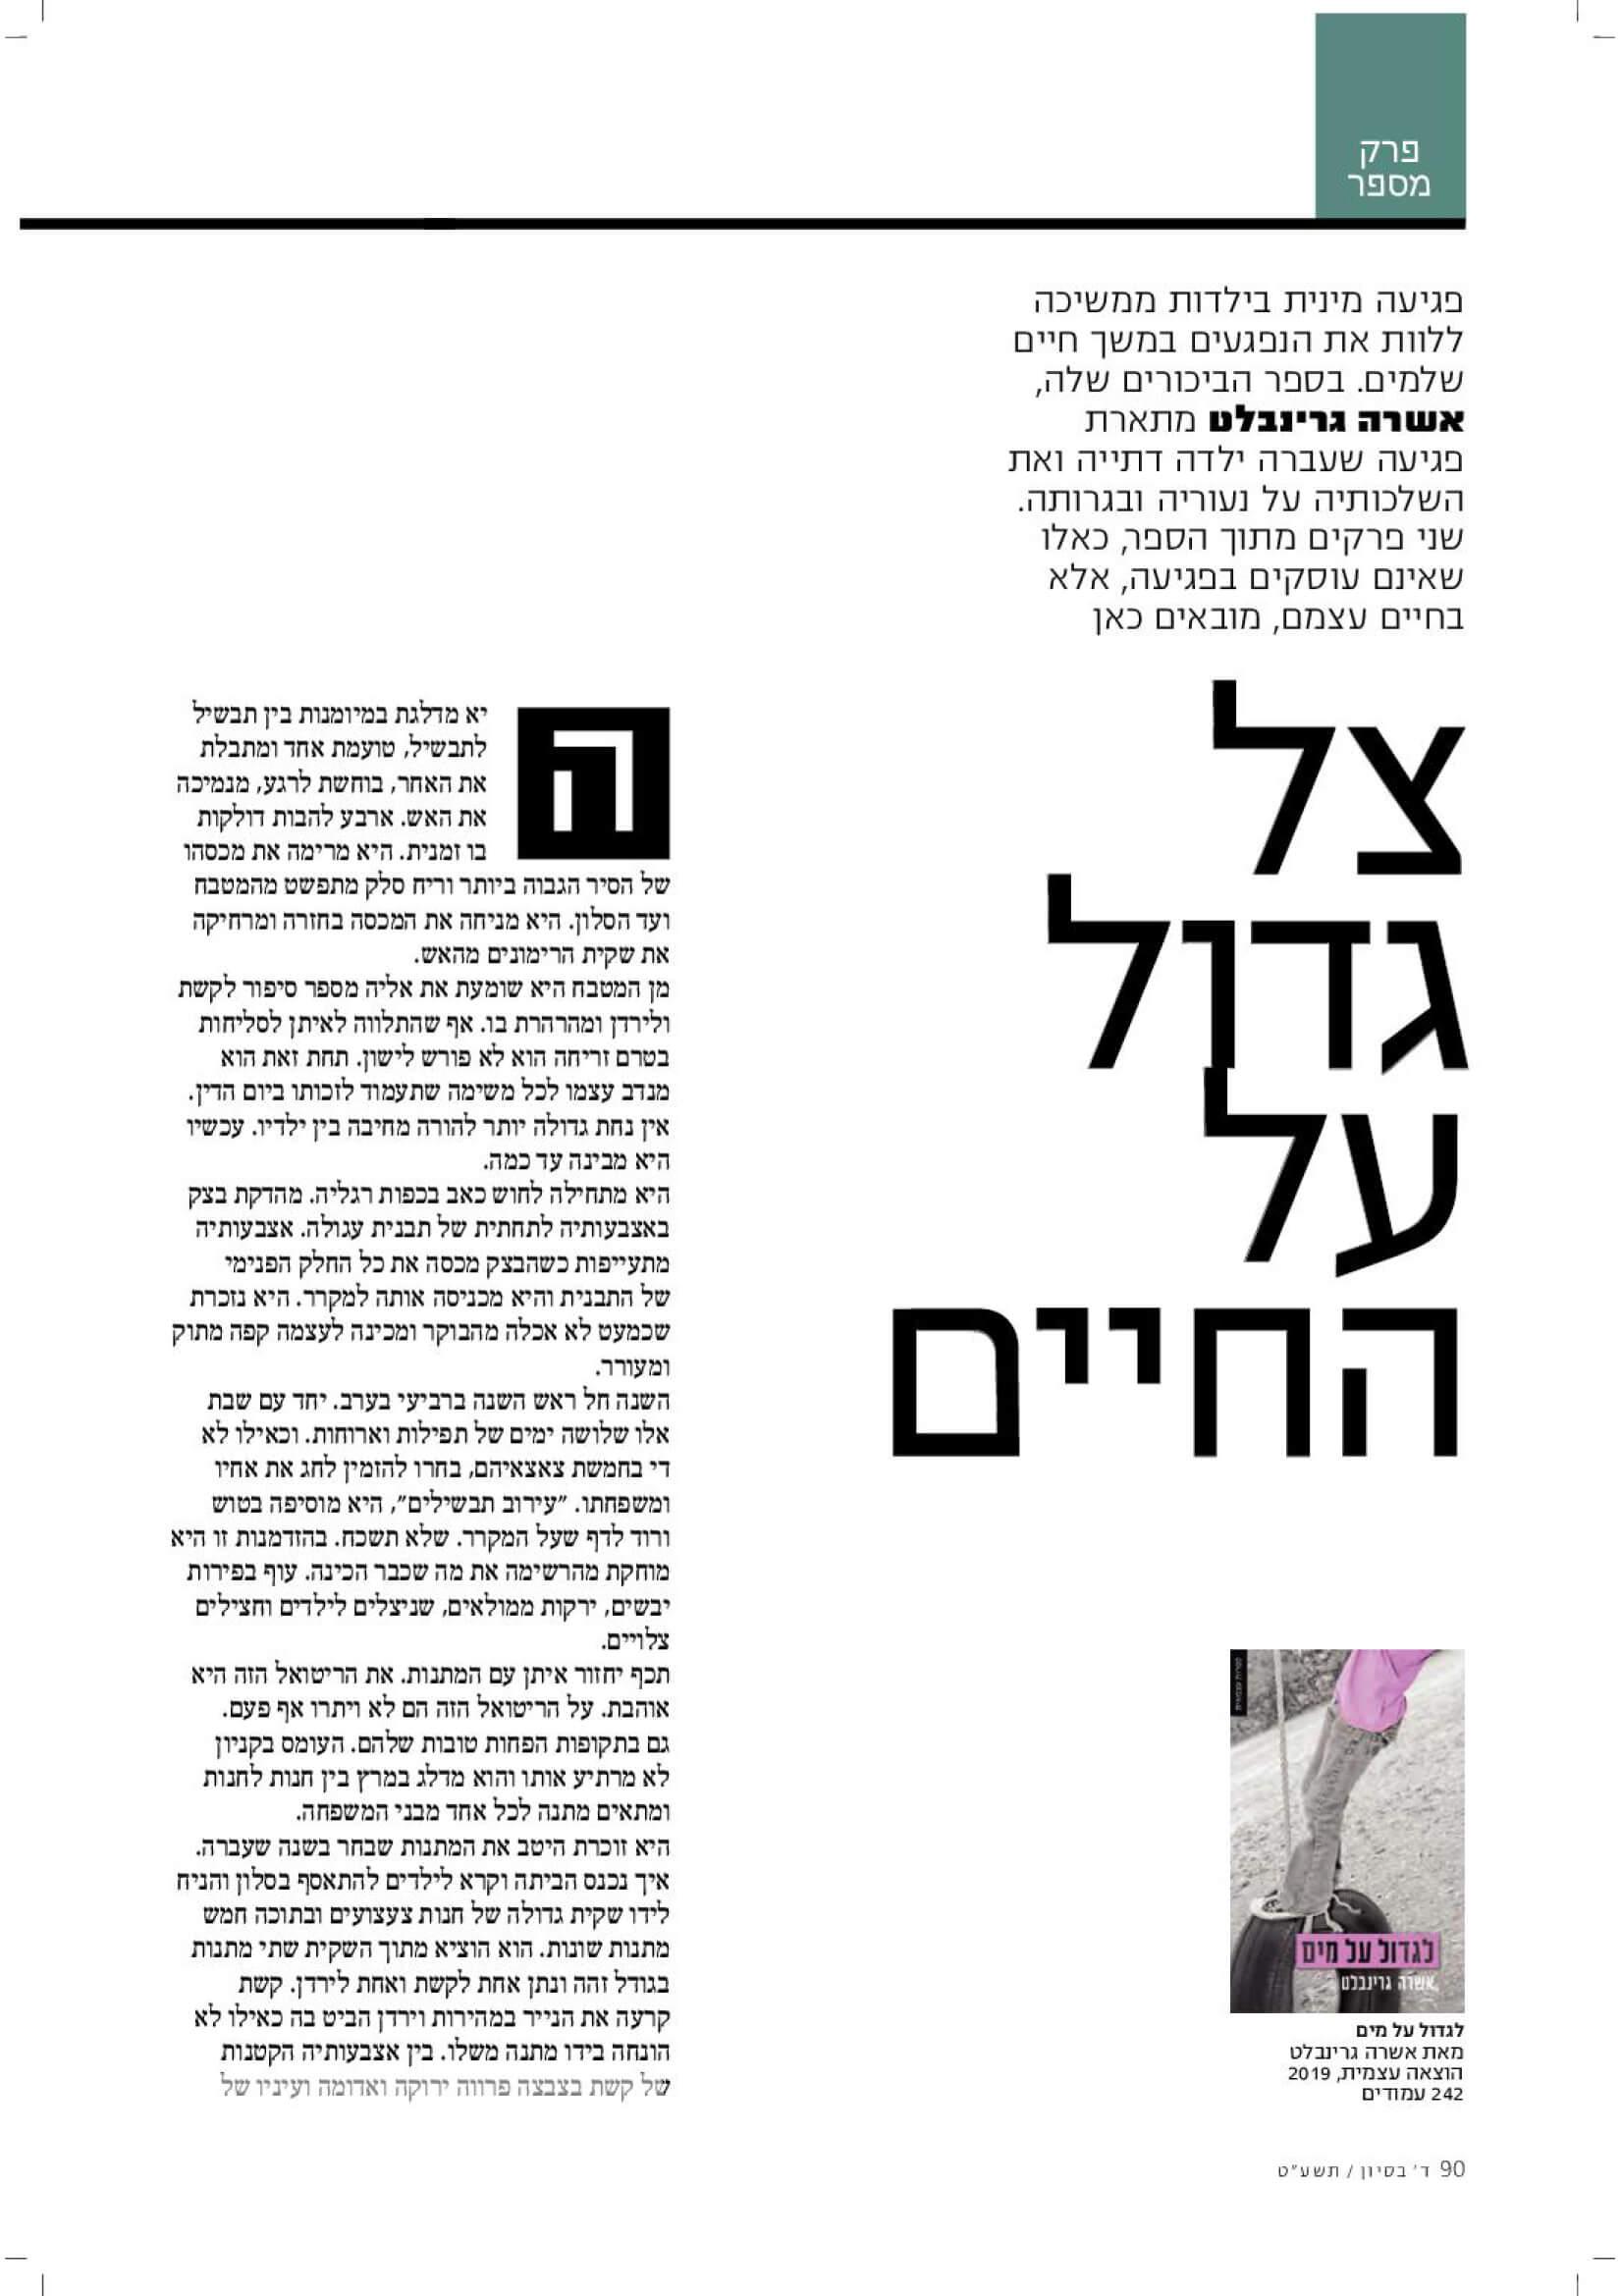 """פרק מתוך הספר """"לגדול על מים"""" במגזין נשים"""